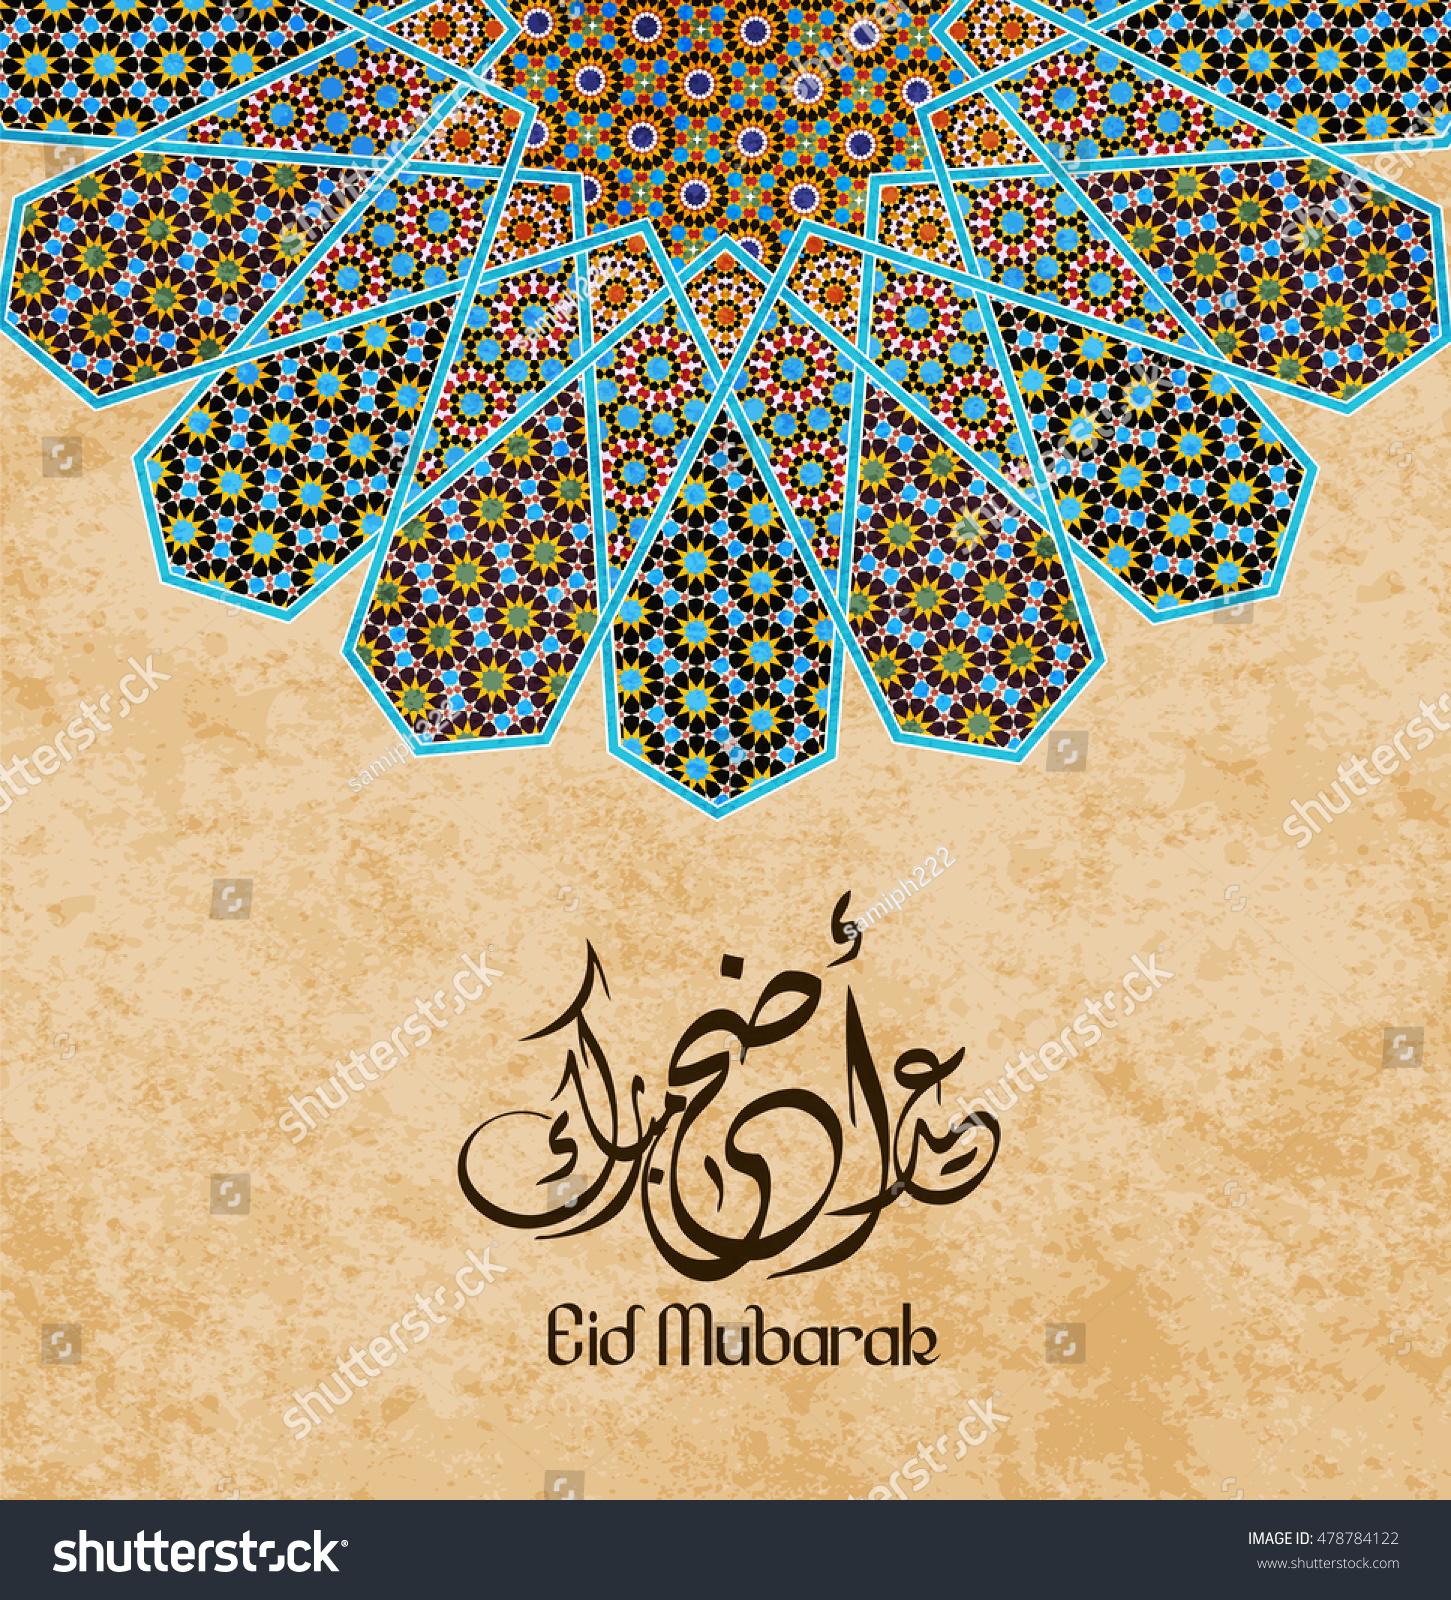 Eid Mubarak Al Adha Mubarak Greeting Stock Vector 478784122